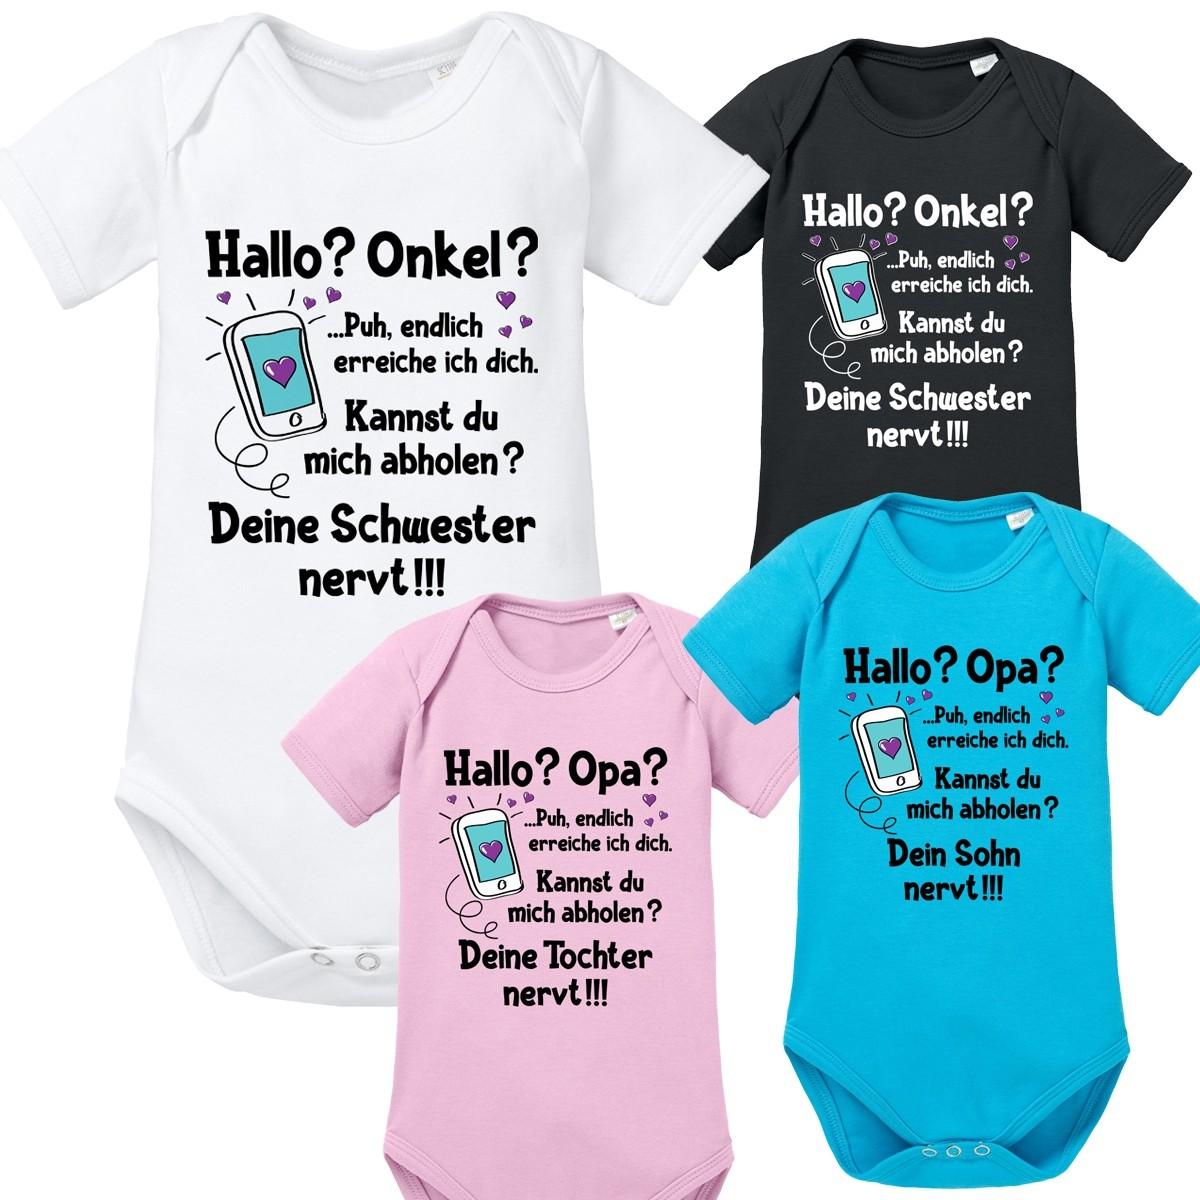 Babybody: Hallo? Onkel / Opa?